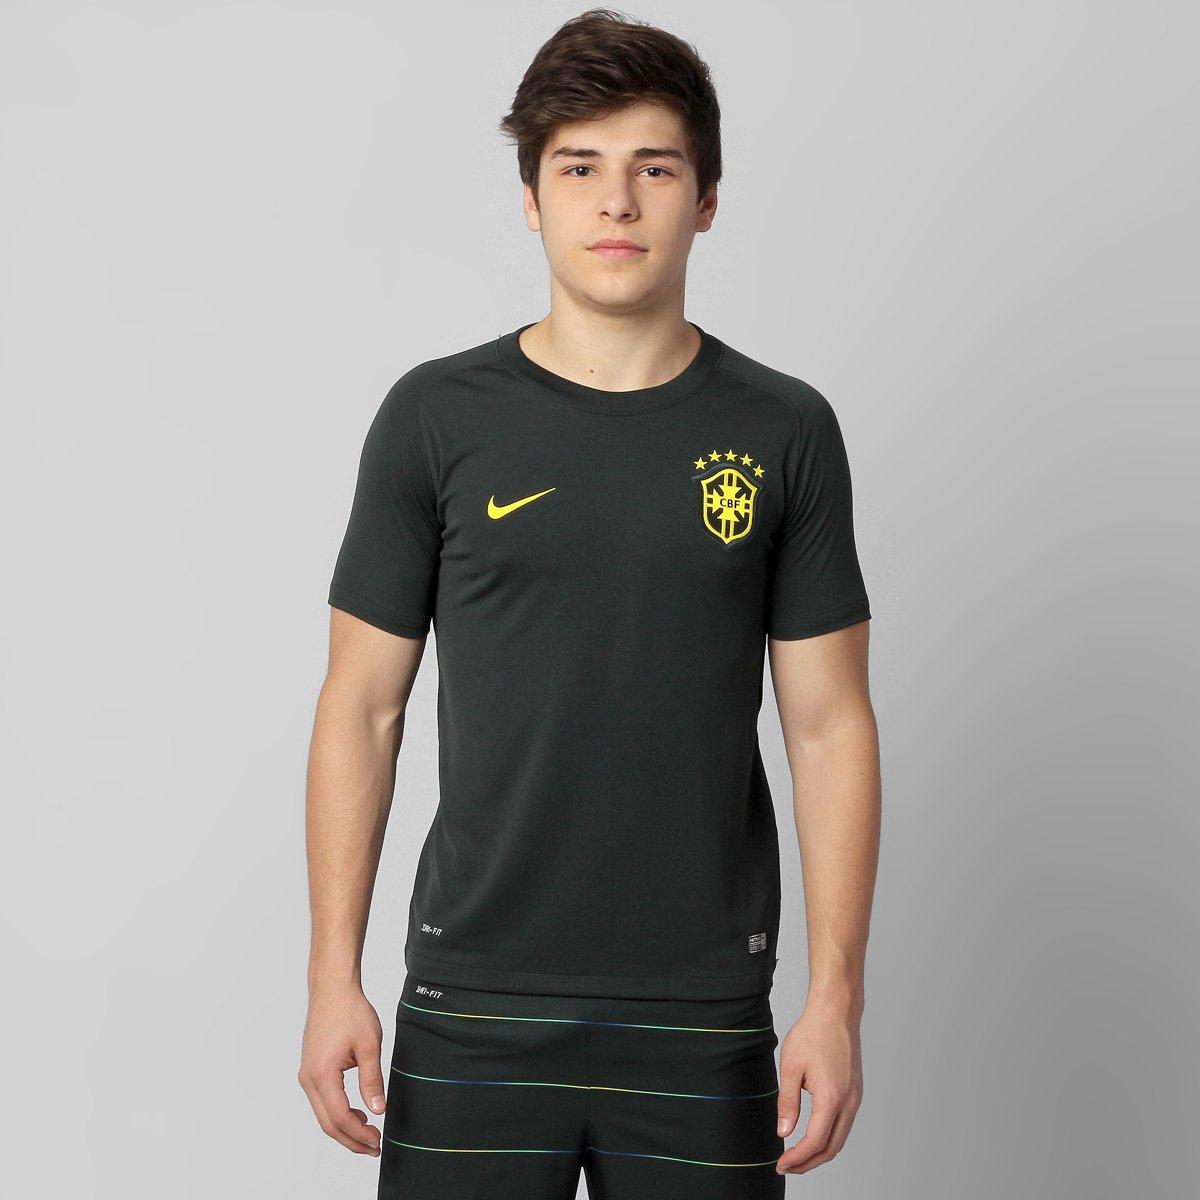 7d325da633 Camisa Nike Seleção Brasil III 2014 s nº Juvenil - Compre Agora ...